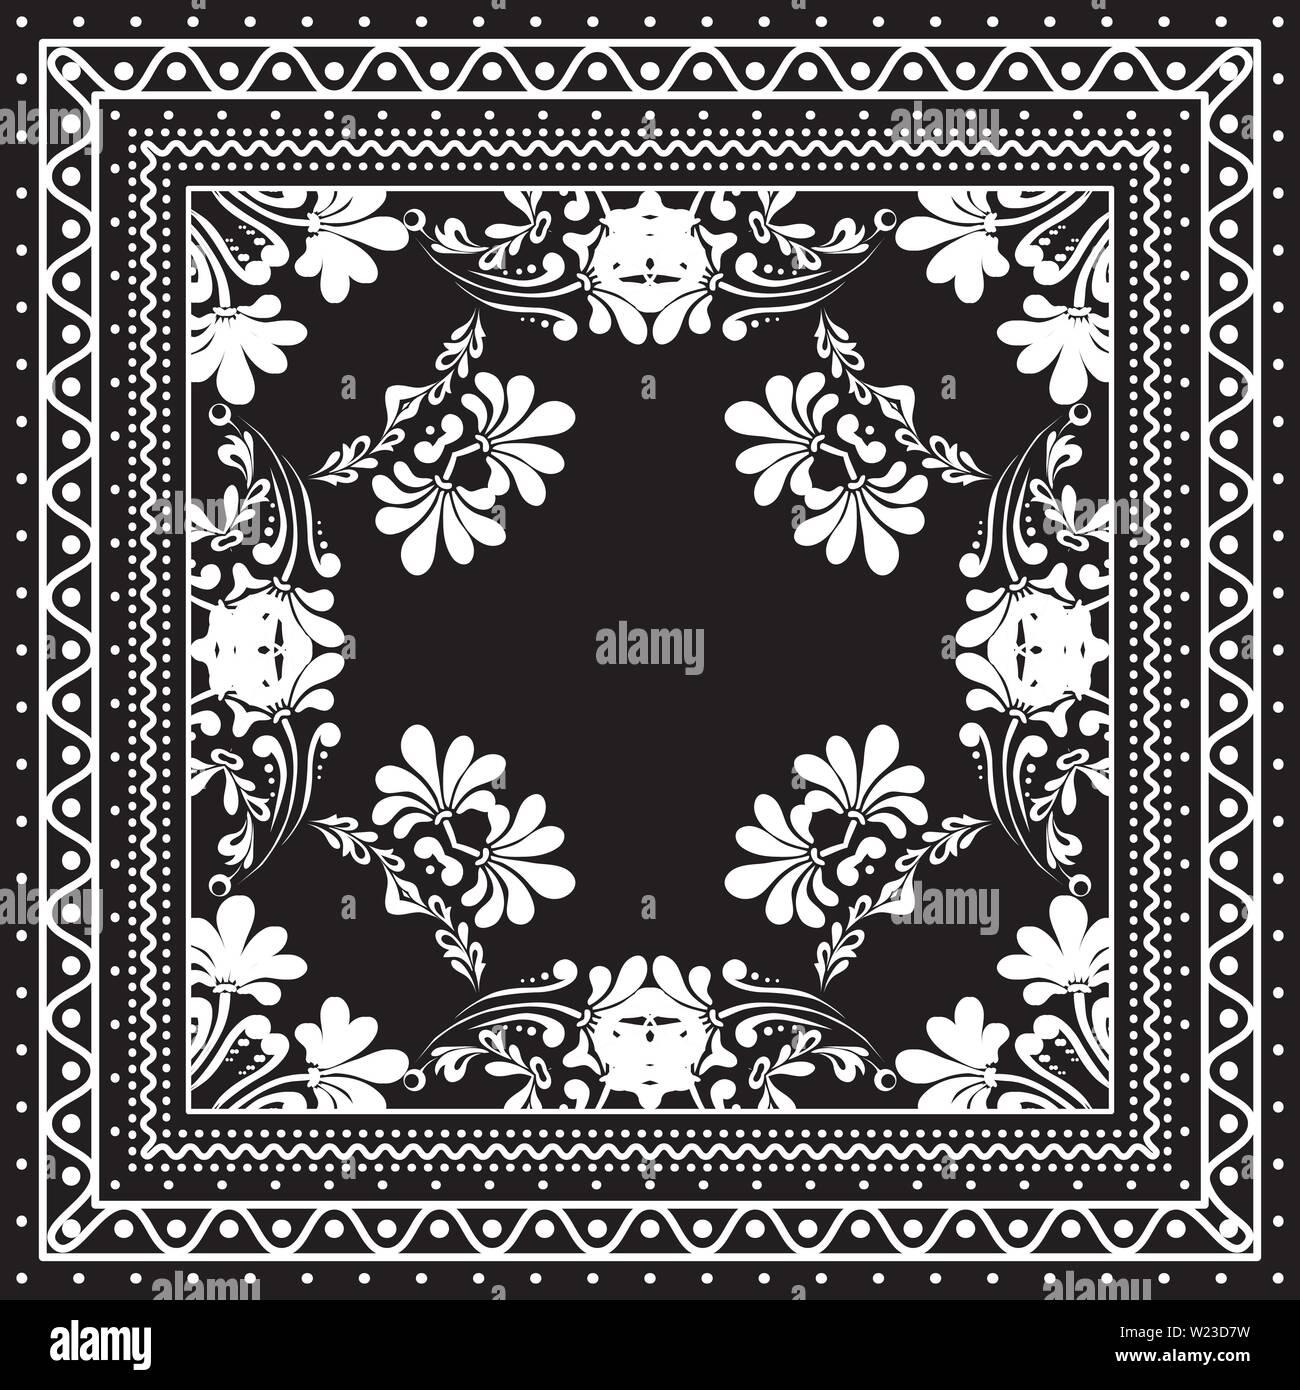 a6833dfe Bandana de impresión en blanco y negro con bordes de diseño de moda ...